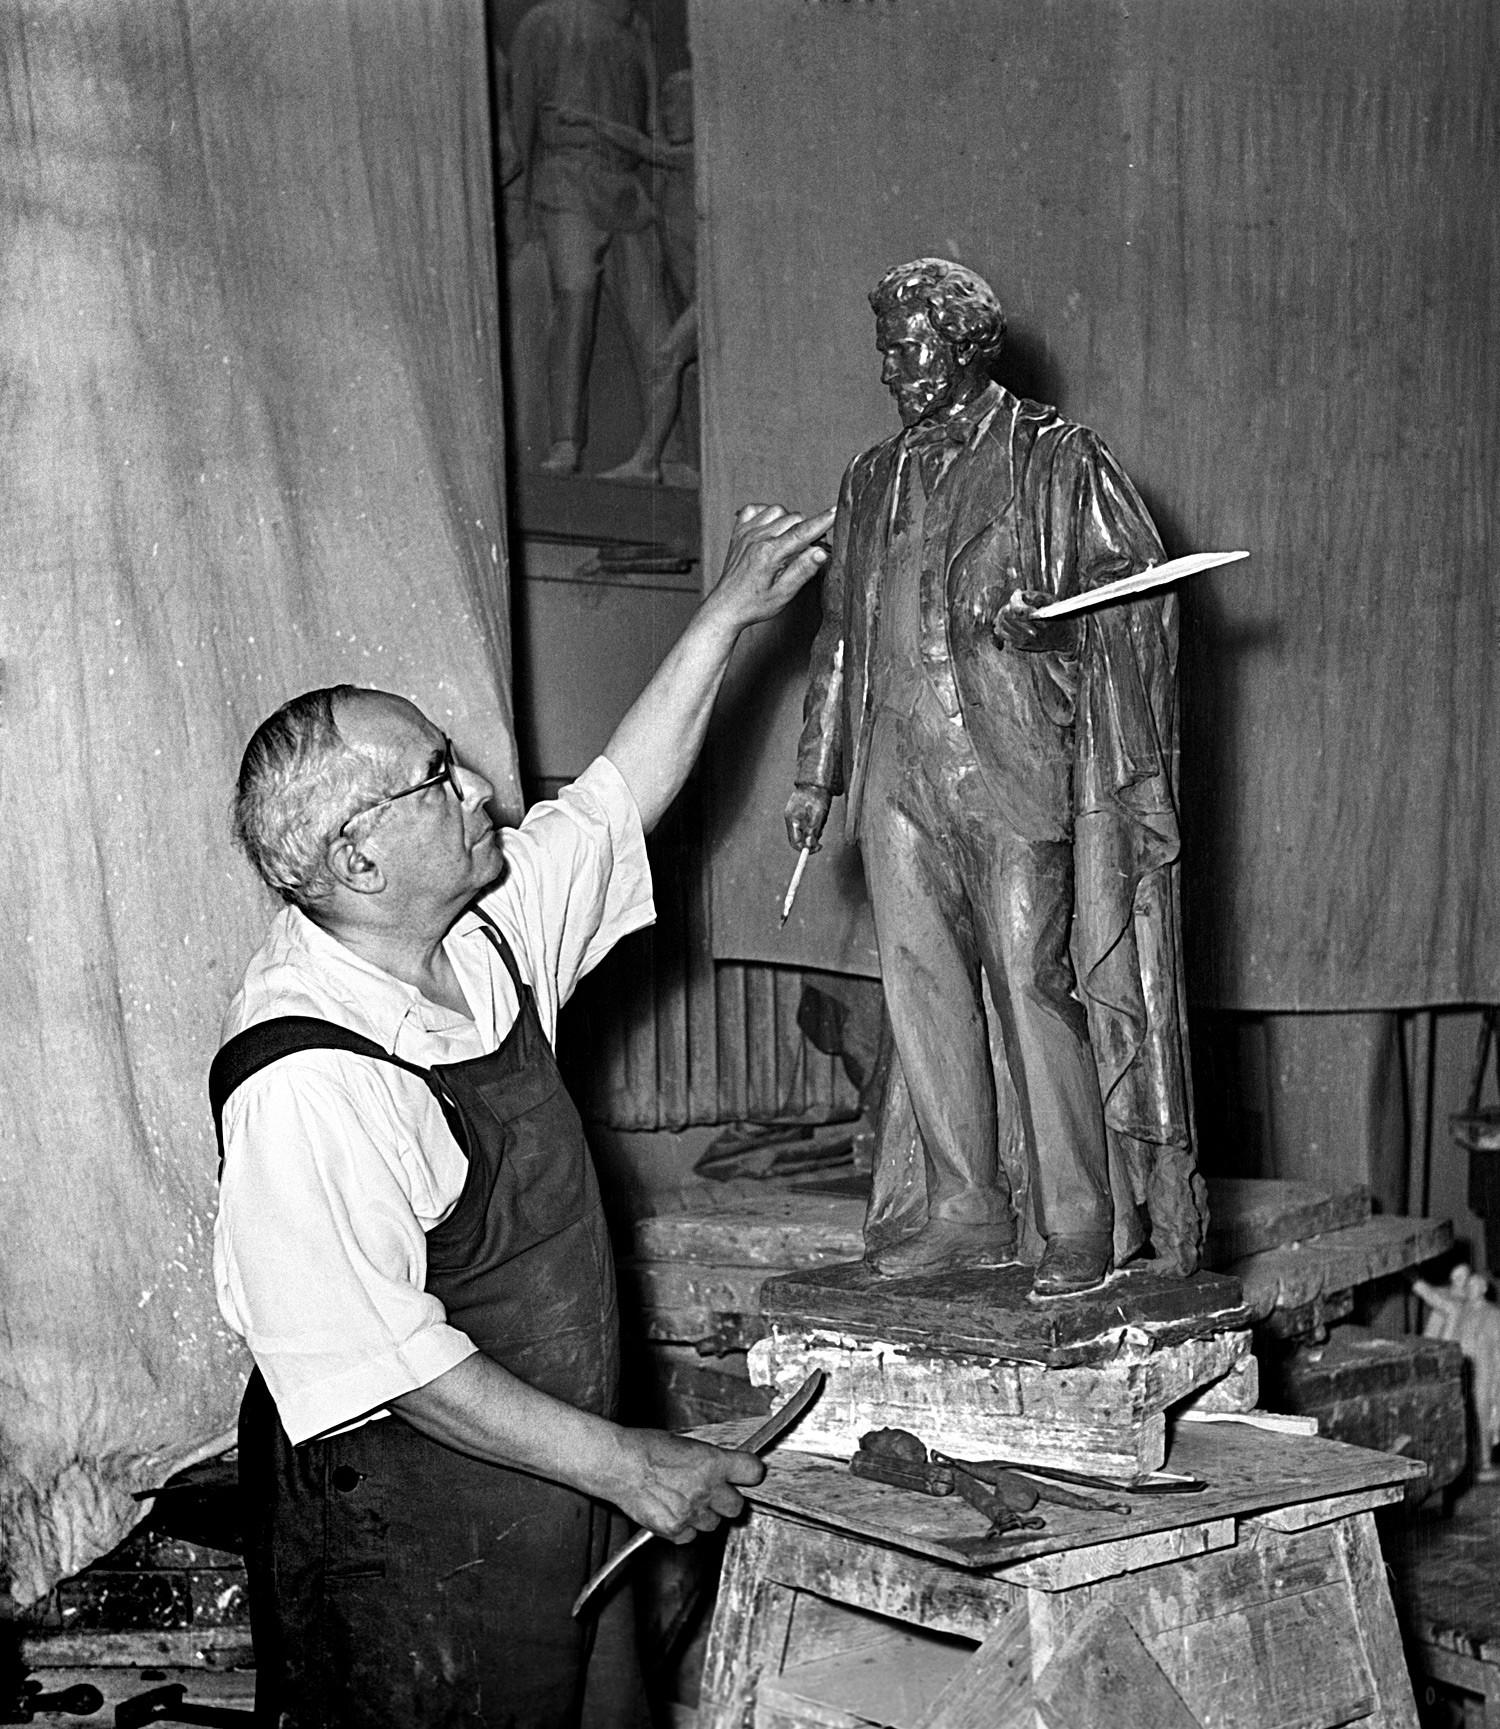 Matwej Maniser kreierte die 30 Bronzestatuen von Studenten, Soldaten, Matrosen, Kindern für die Moskauer Metro-Station Revolutionsplatz. Insgesamt 76 Figuren fügen sich da zu einem großen Denkmal zusammen.